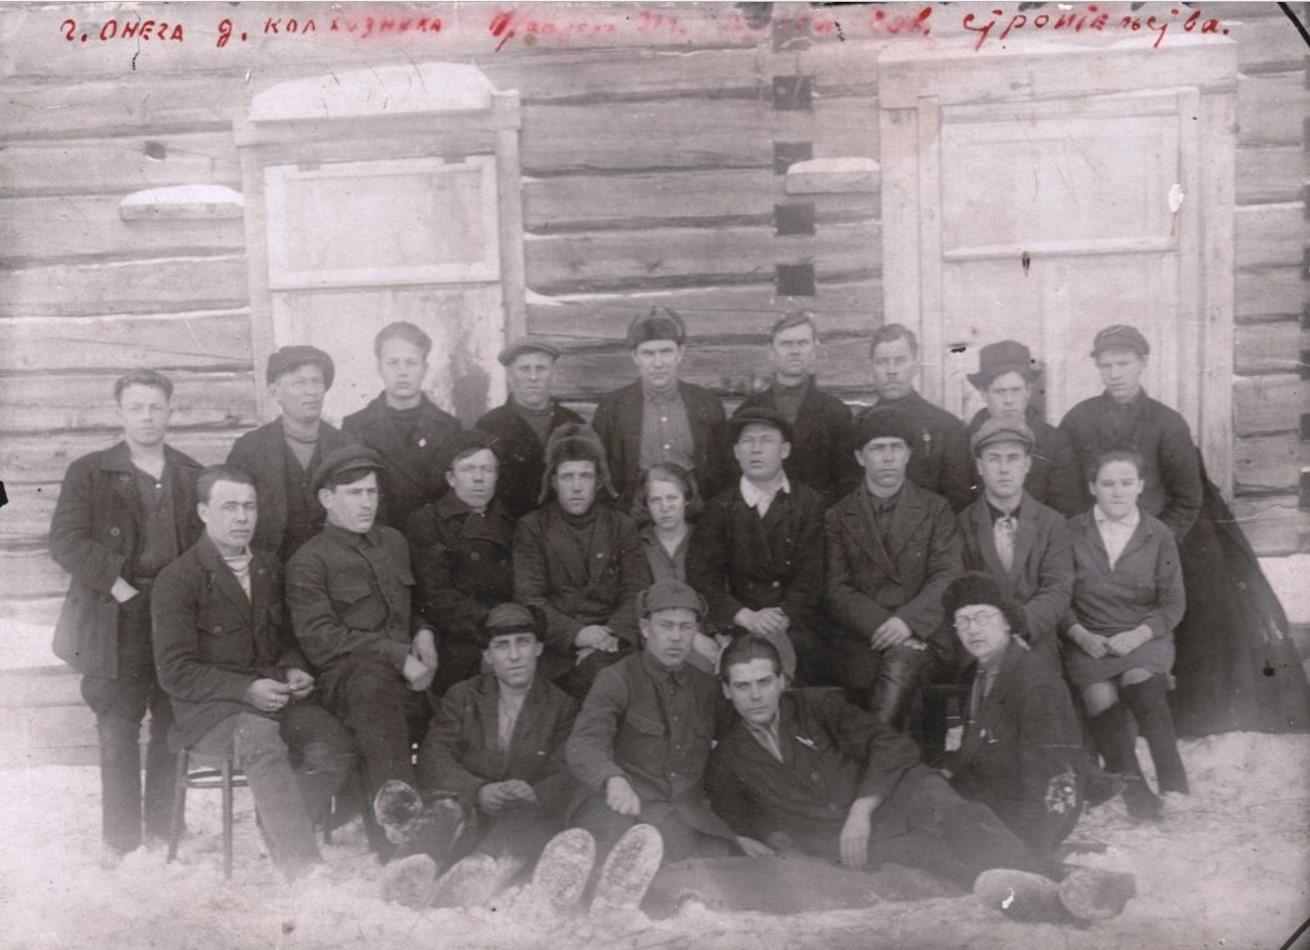 1931. Дом колхозника. Курсы Советского строительства